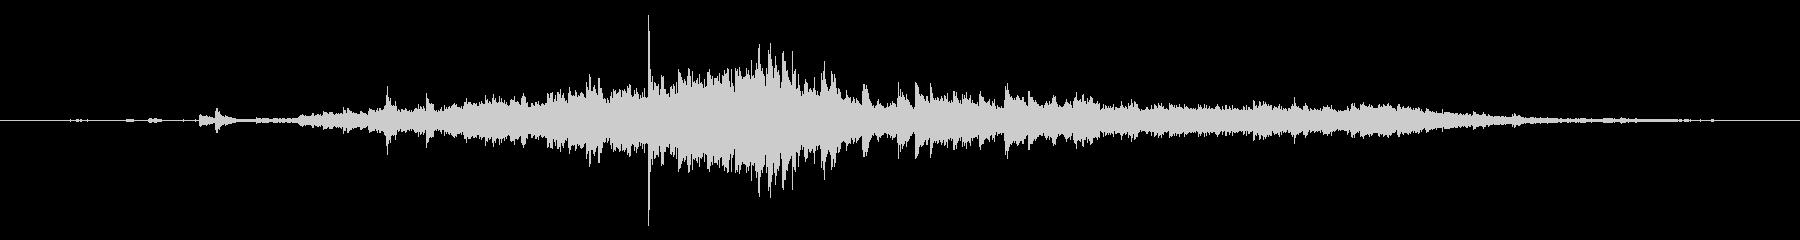 フェアリーダストベルツリーの未再生の波形